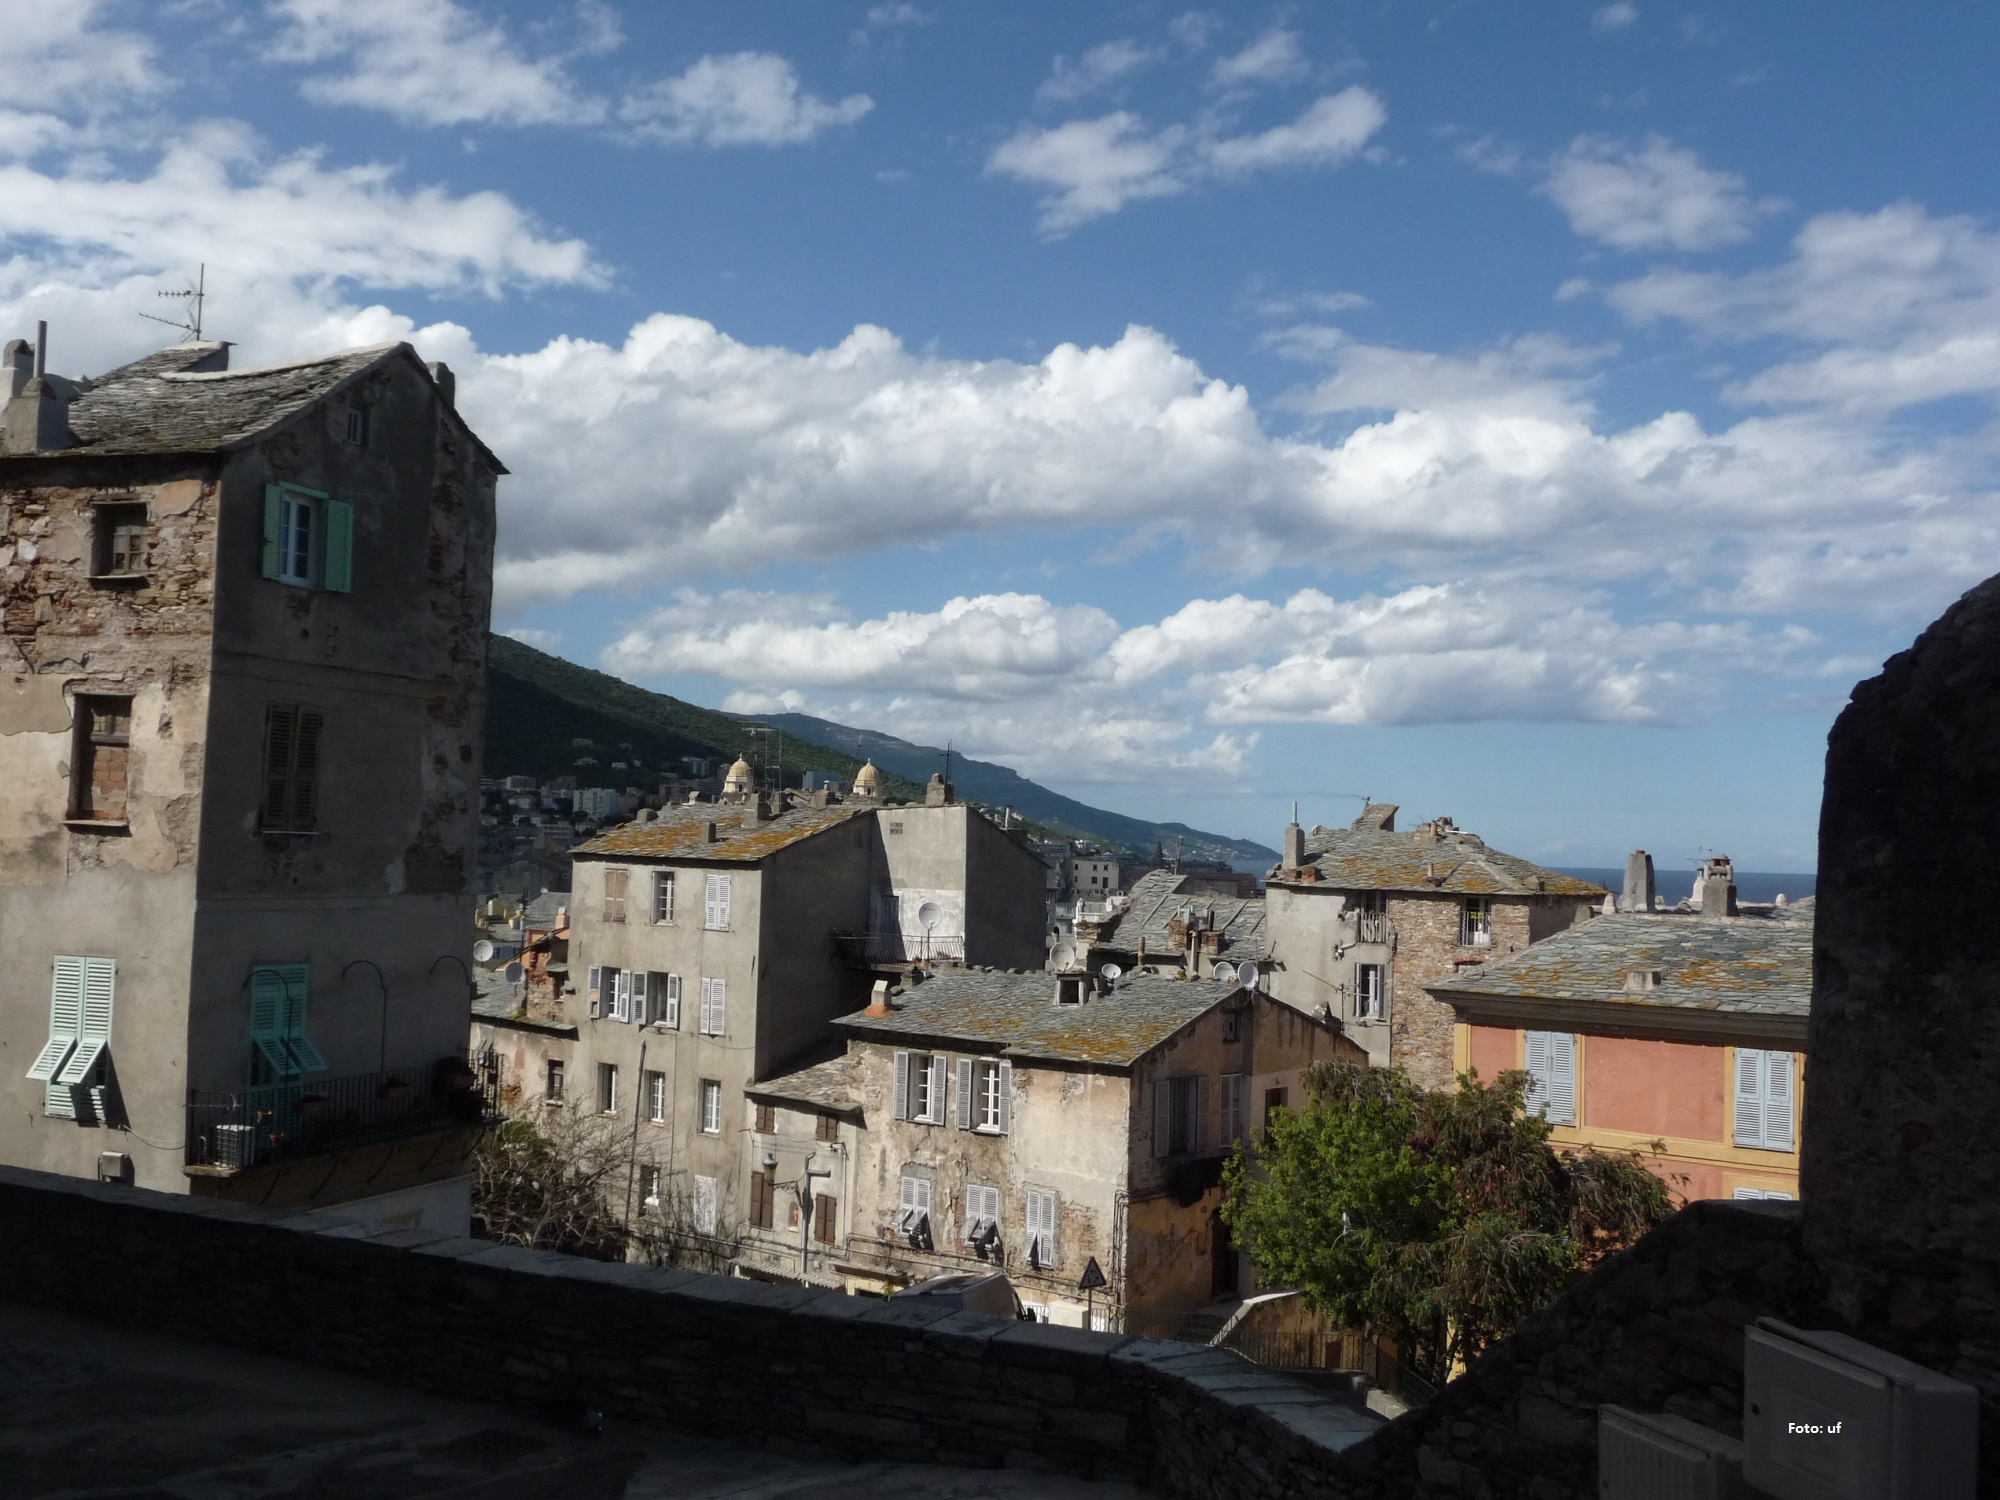 Dächer der Altstadt in Bastia